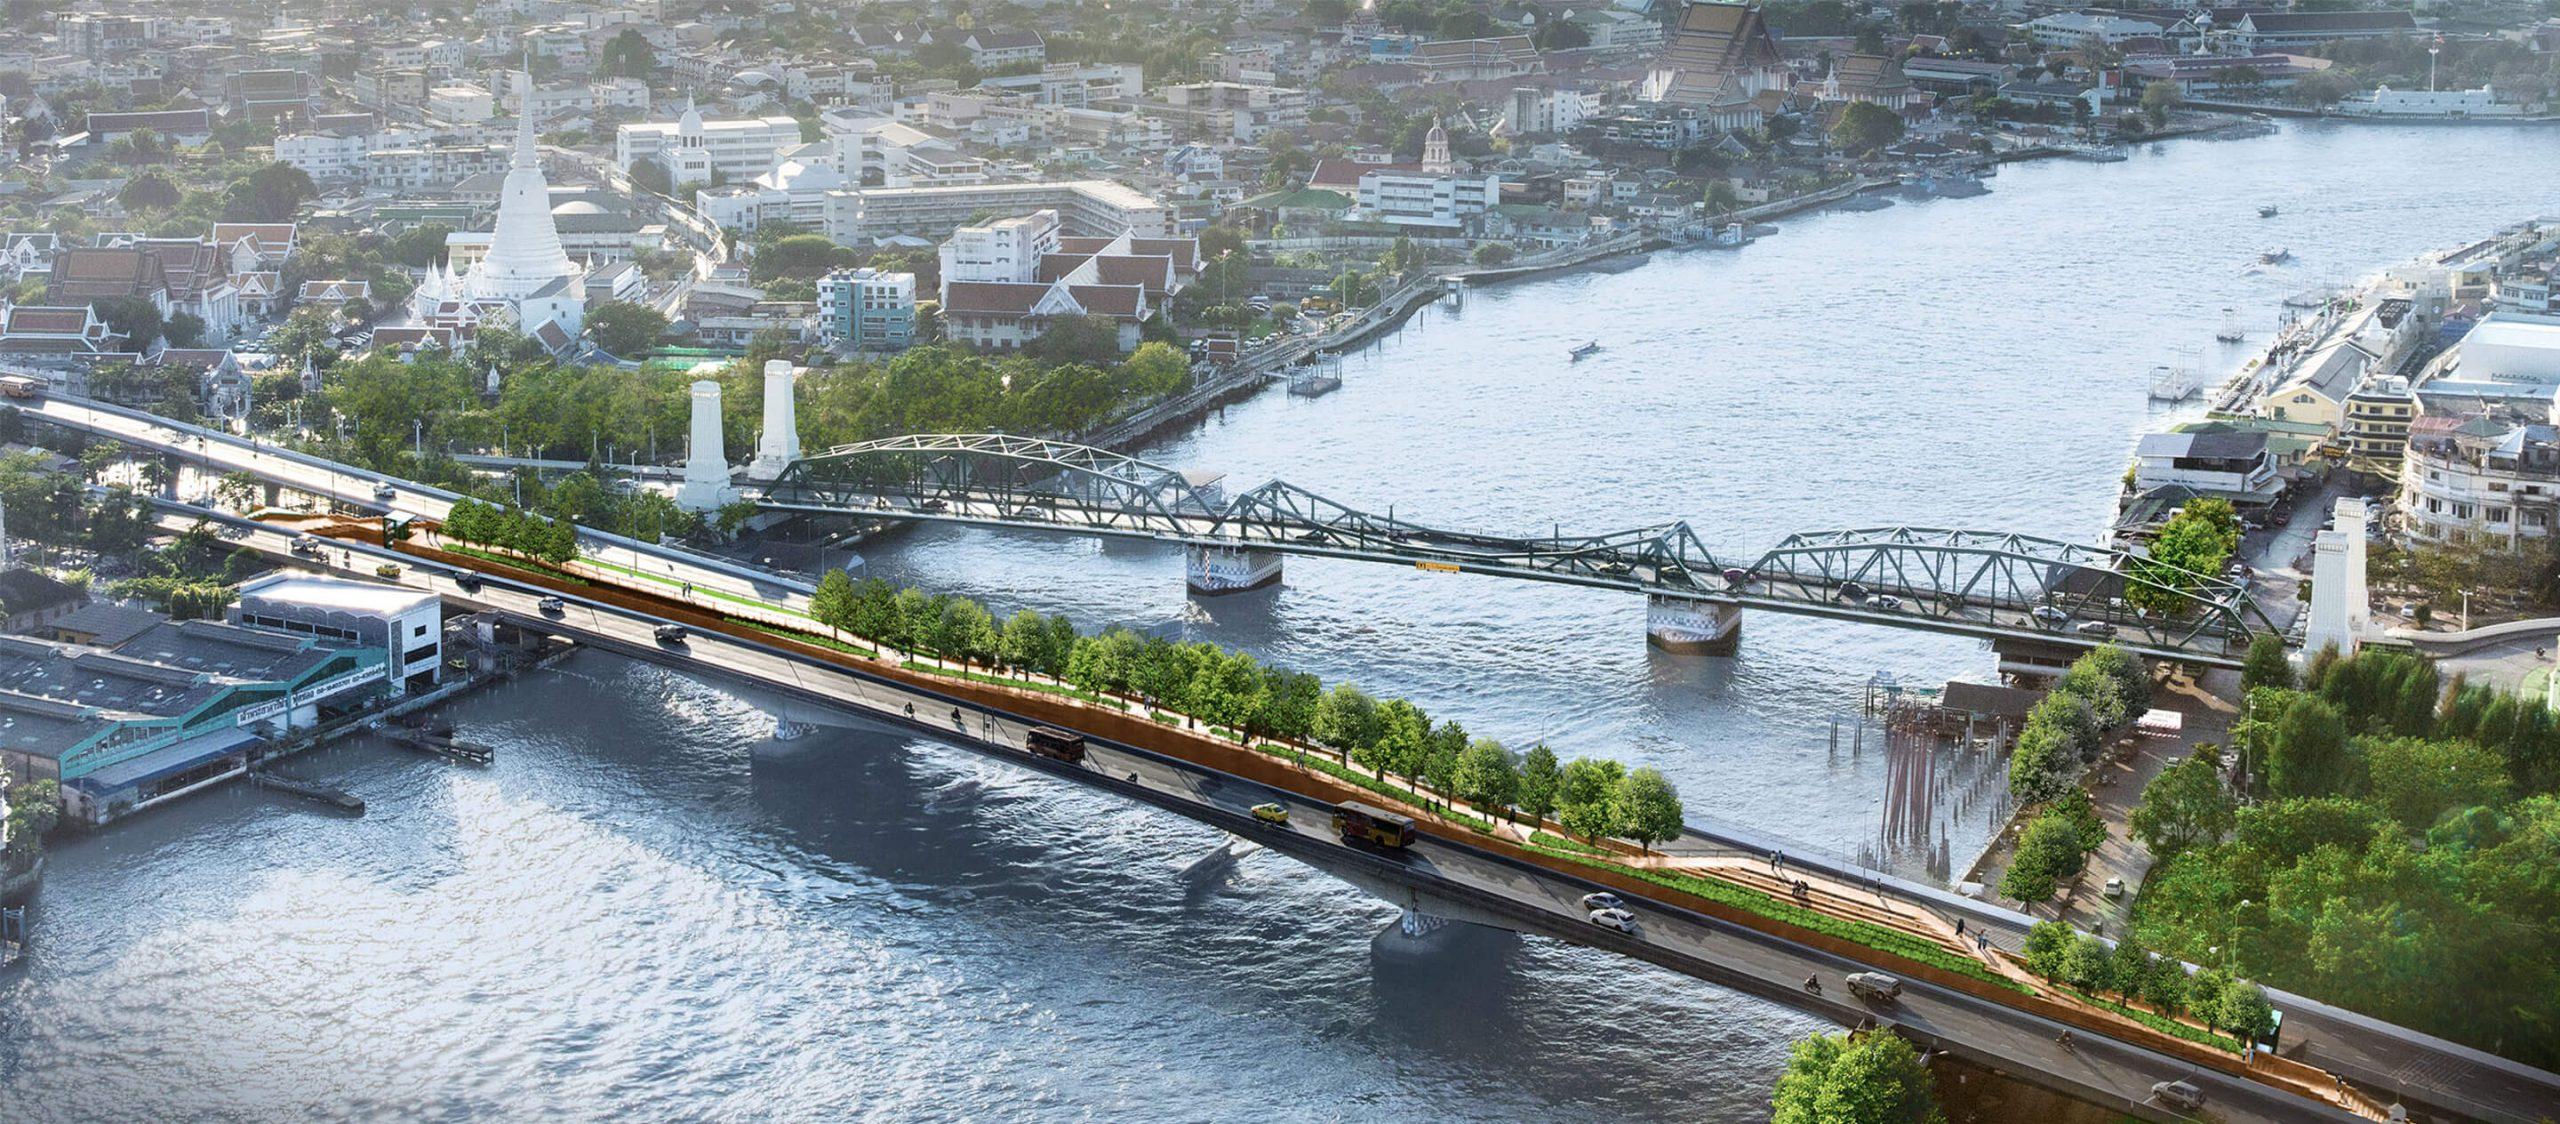 พระปกเกล้าสกายปาร์ค : เปลี่ยนสะพานด้วนริมแม่น้ำเจ้าพระยาให้เป็นสวนลอยฟ้าคนเดิน